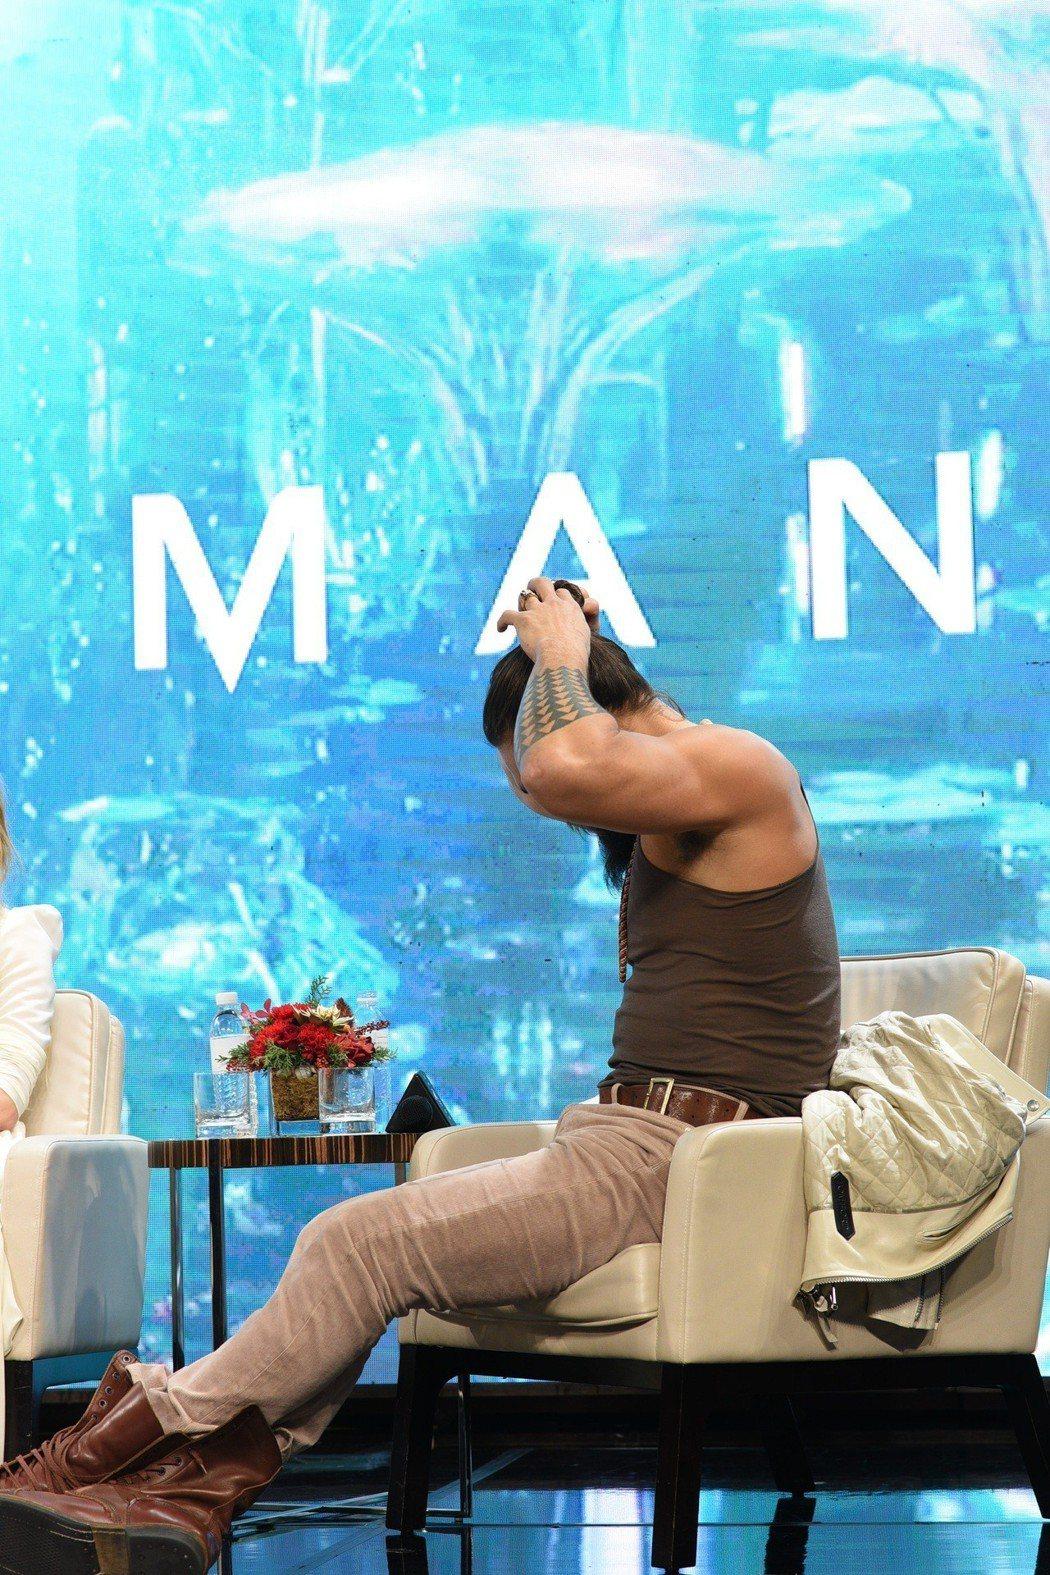 傑森摩墨亞在「水行俠」馬尼拉記者會上突然脫去外套整理頭髮,展現壯碩肌肉。圖/華納...